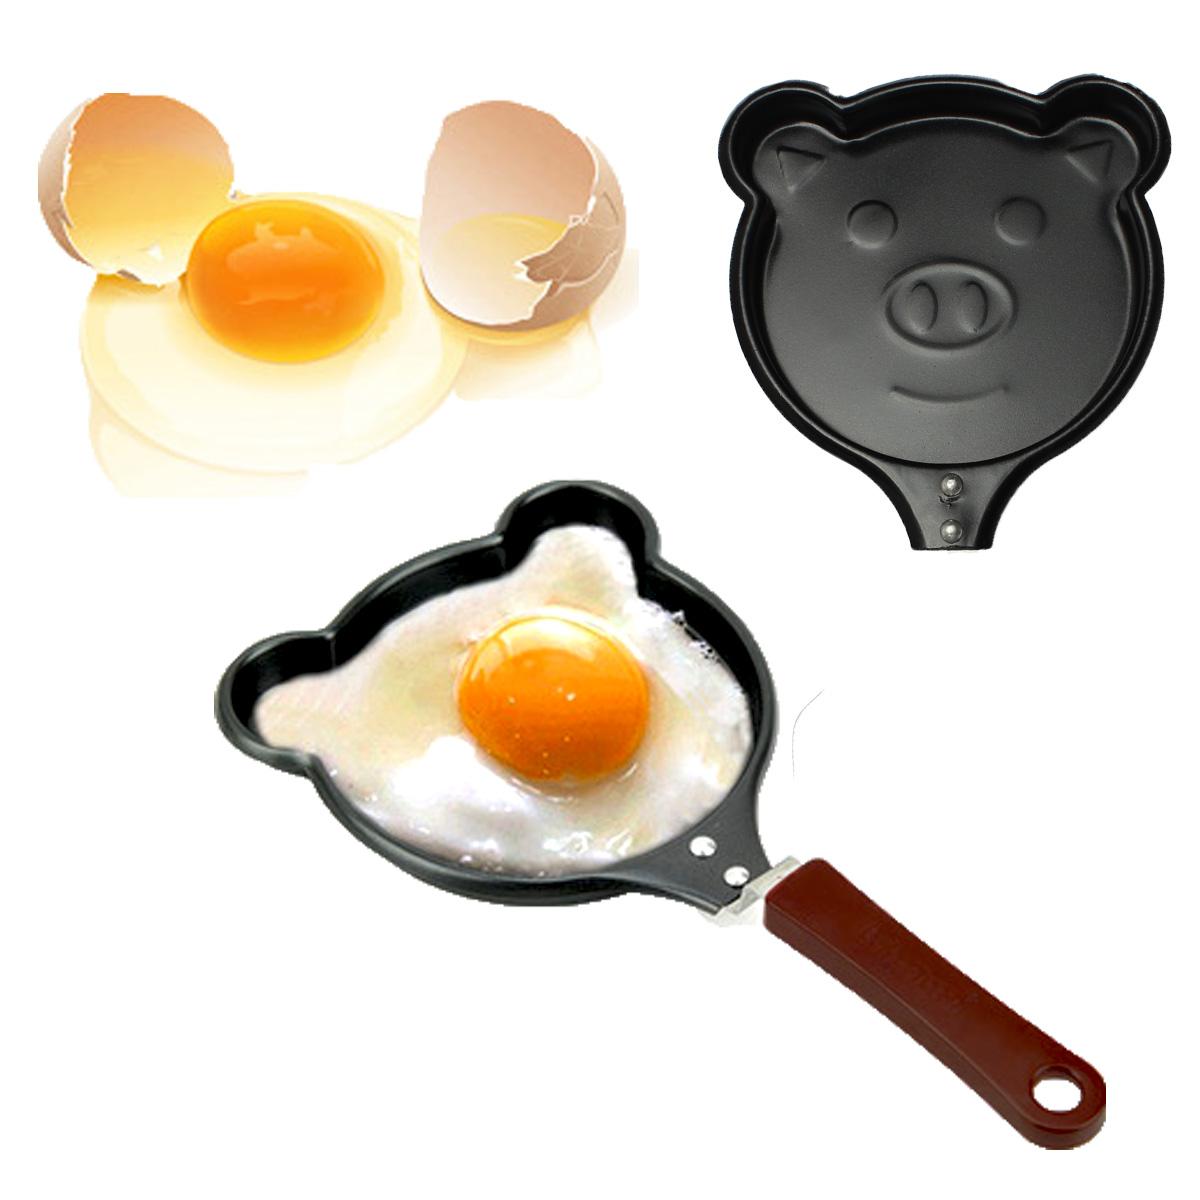 Сковородка Other сковородка lifree 26cm